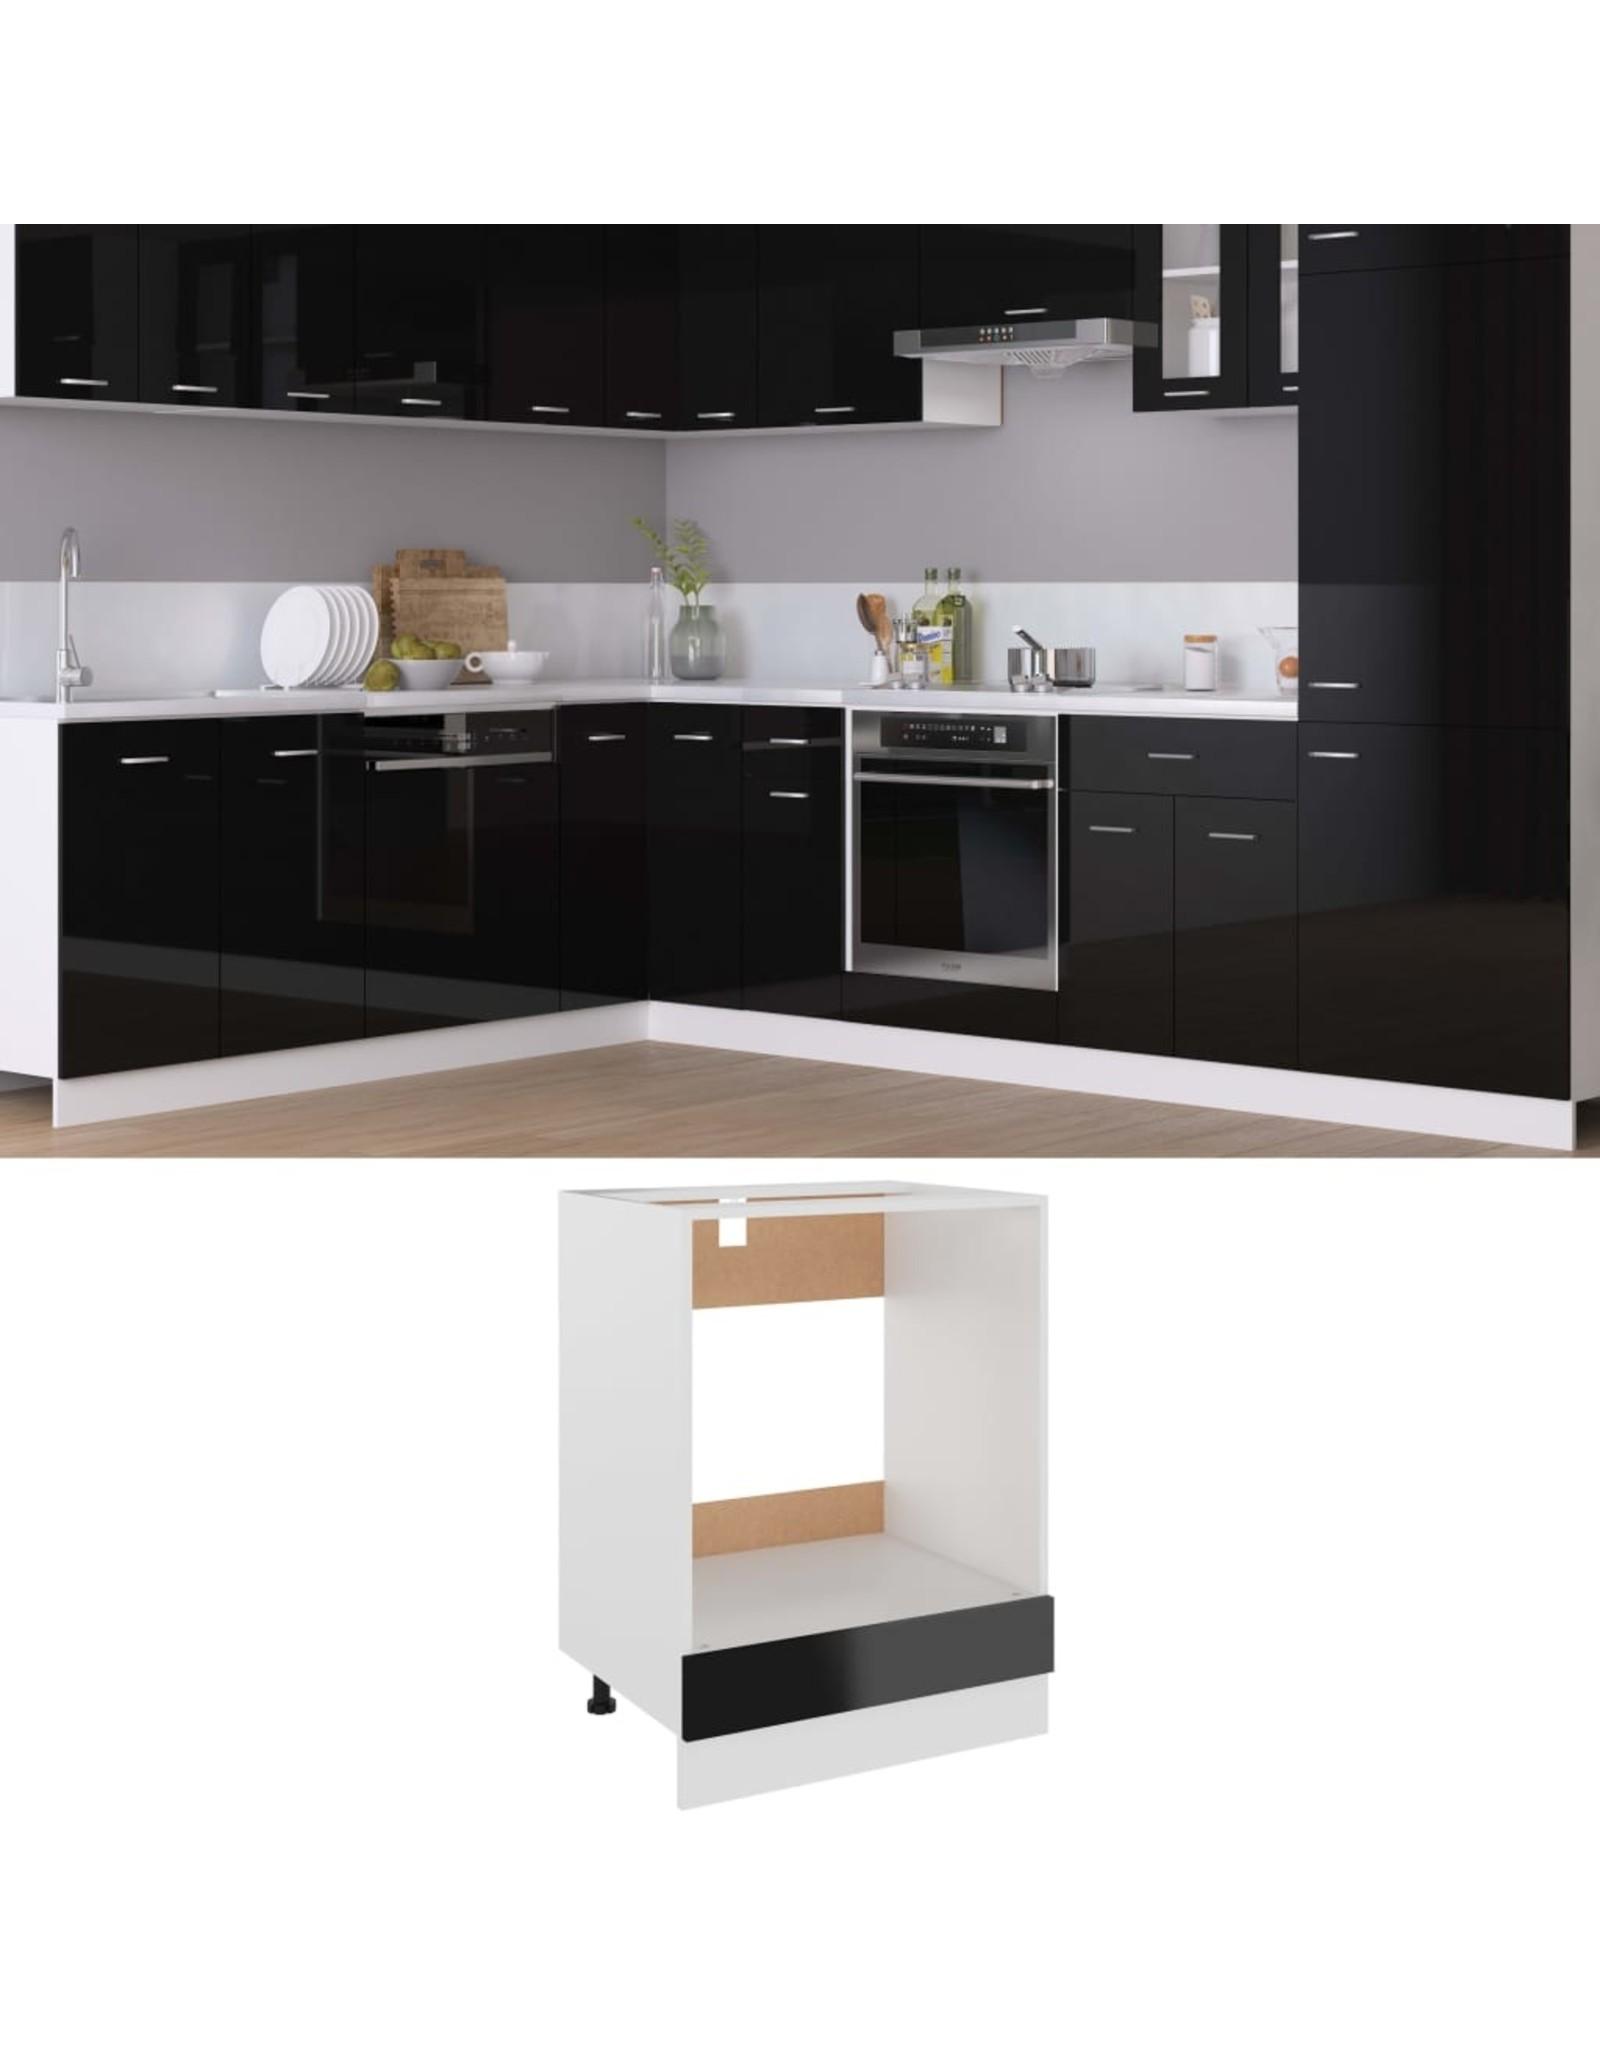 Ovenkast 60x46x81,5 cm spaanplaat hoogglans zwart